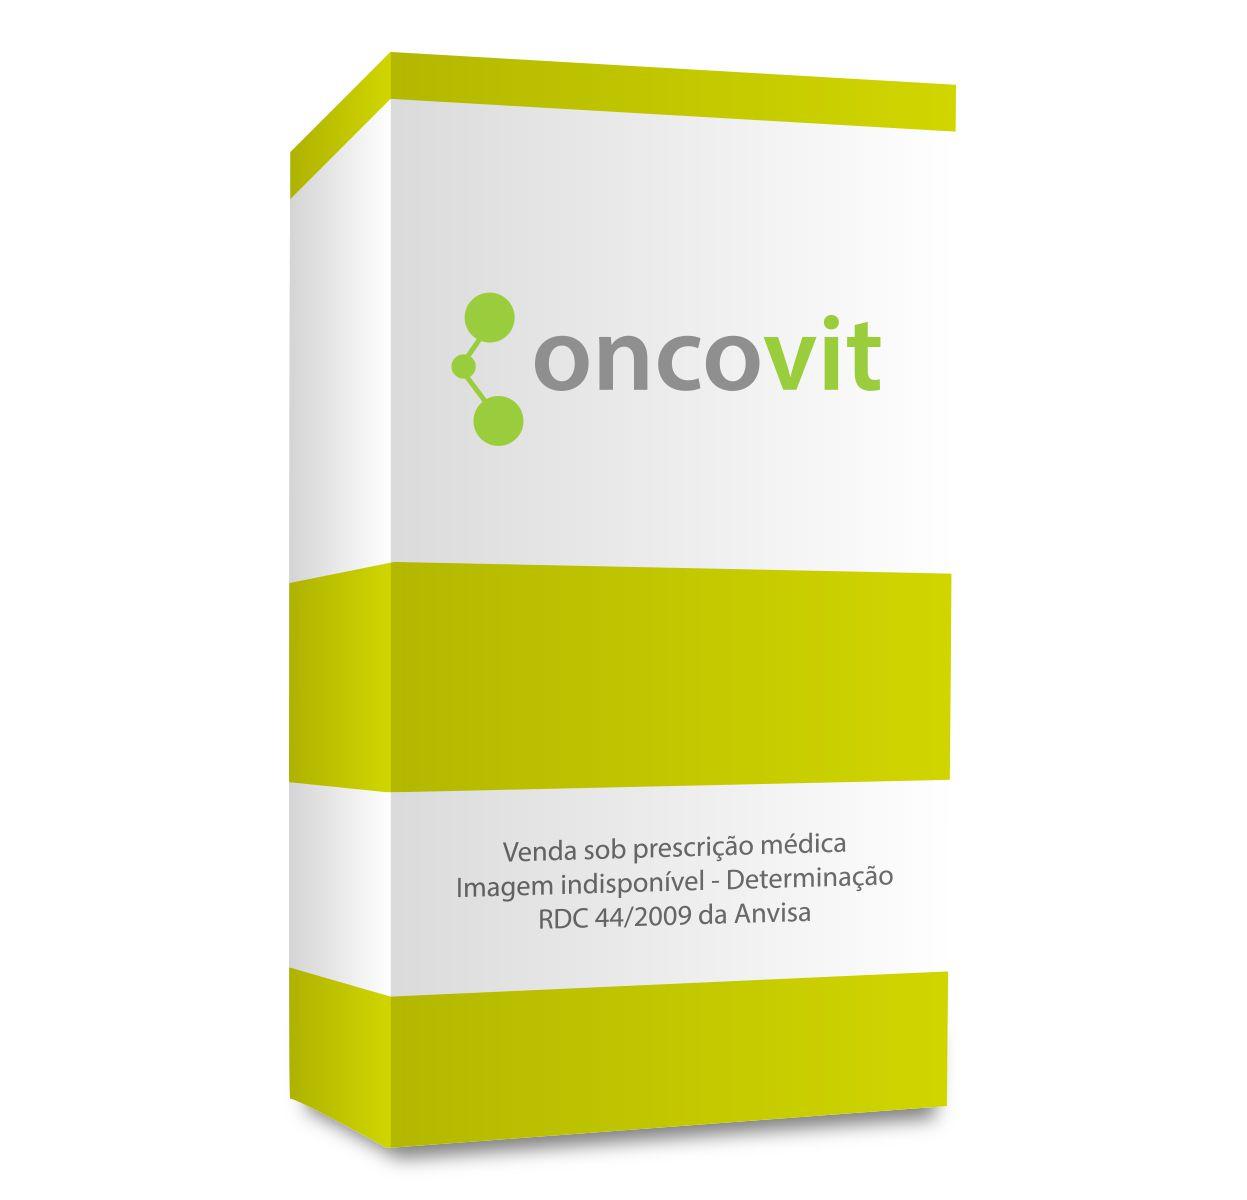 Everolimo - Natcofarma do Brasil 5mg, caixa com 28 comprimidos